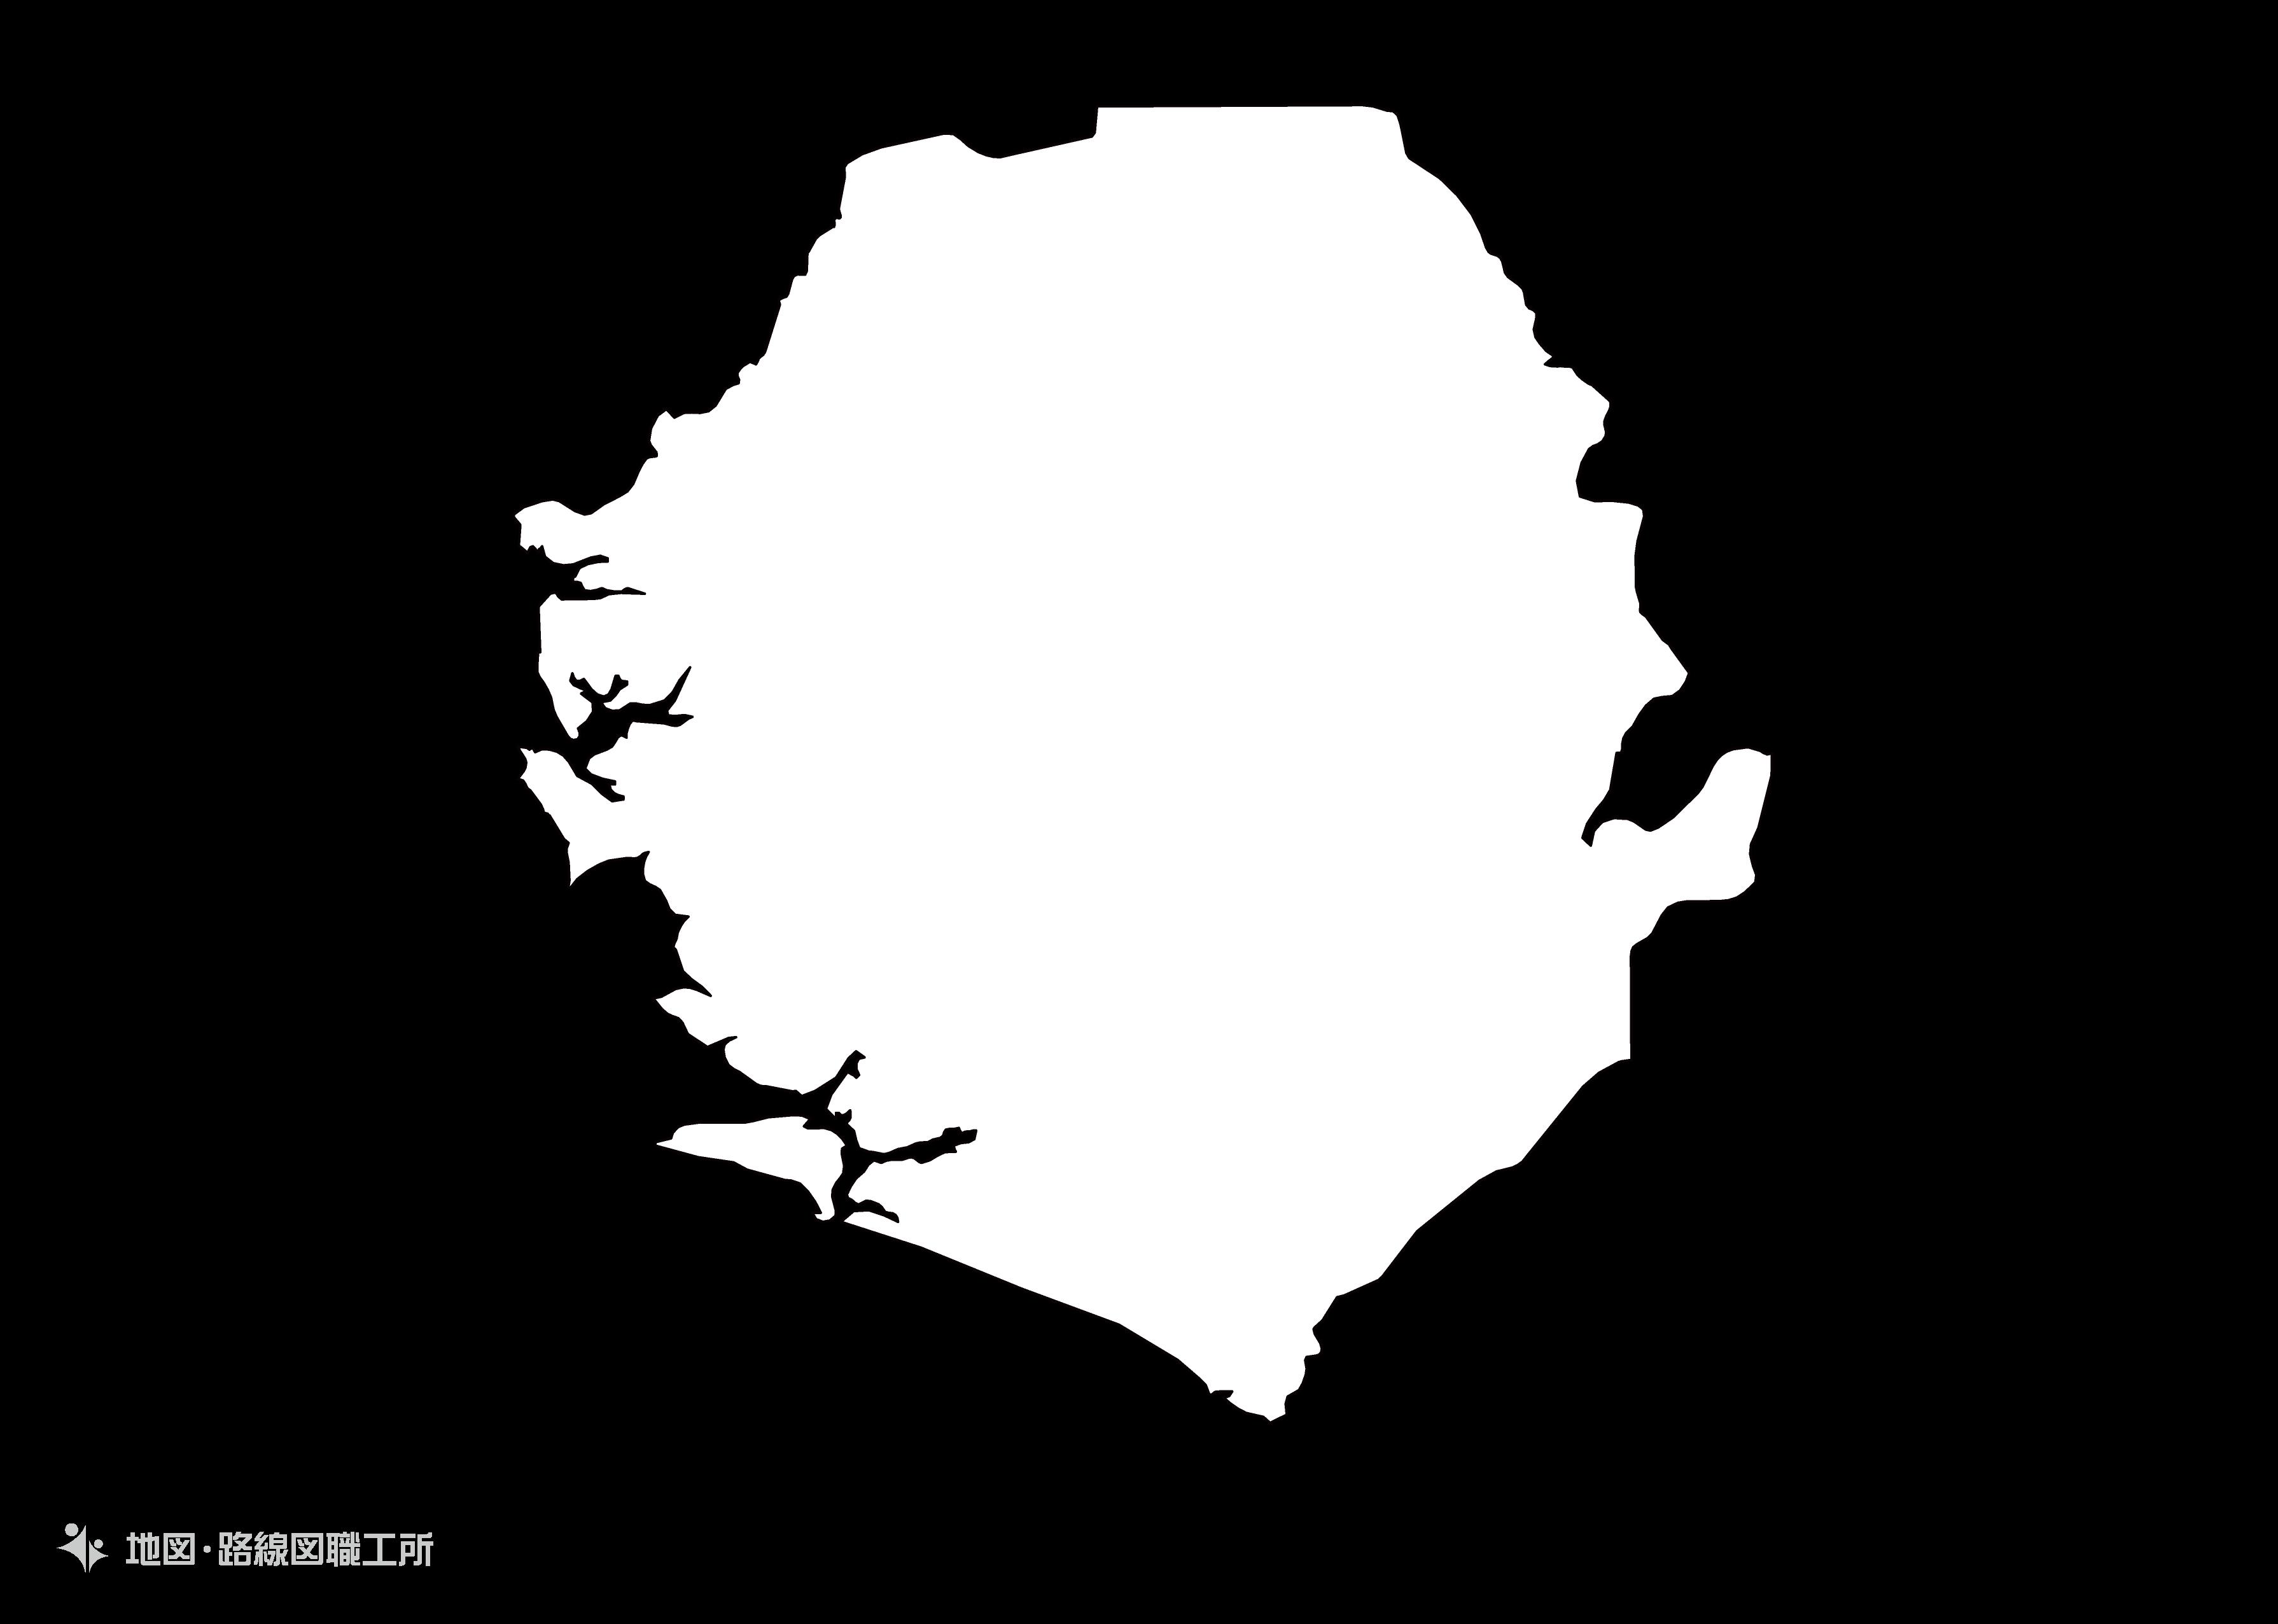 世界の白地図 シエラレオネ republic-of-sierra-leone map